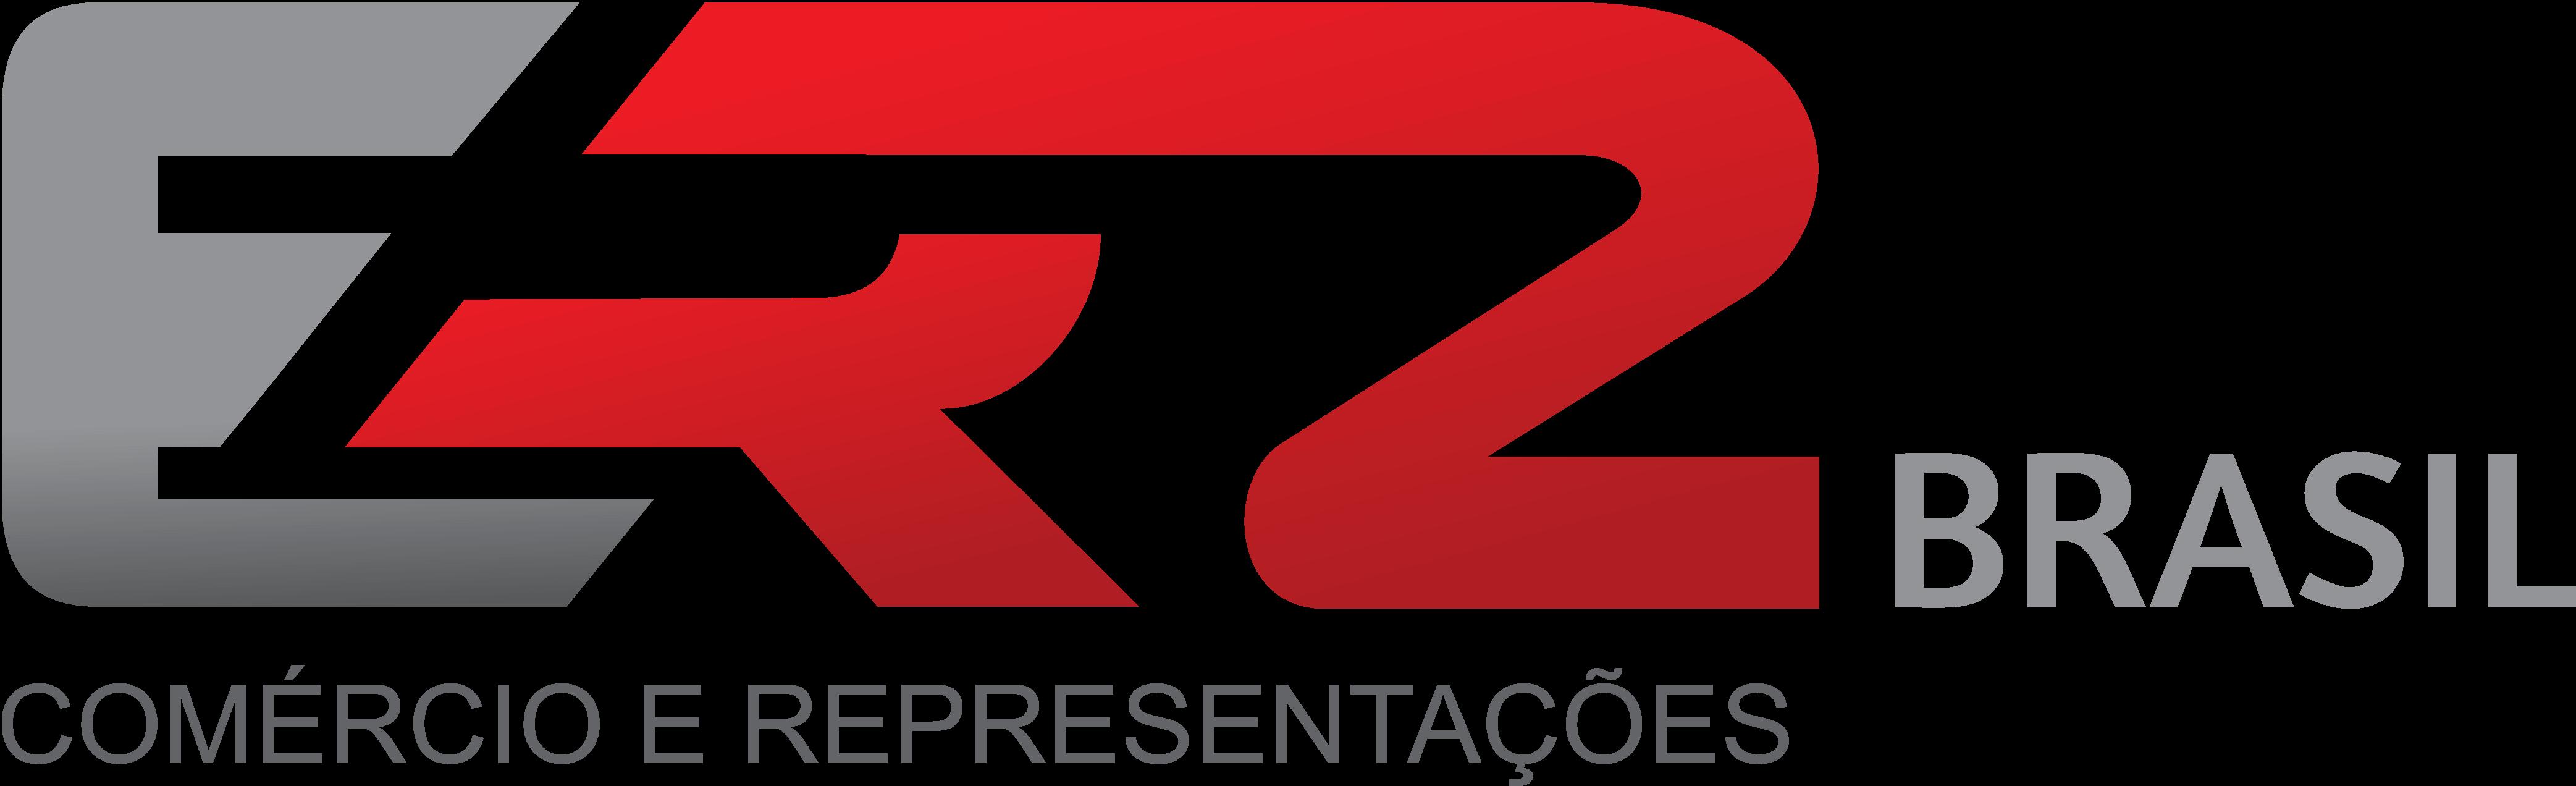 Logo ER2 BRASIL